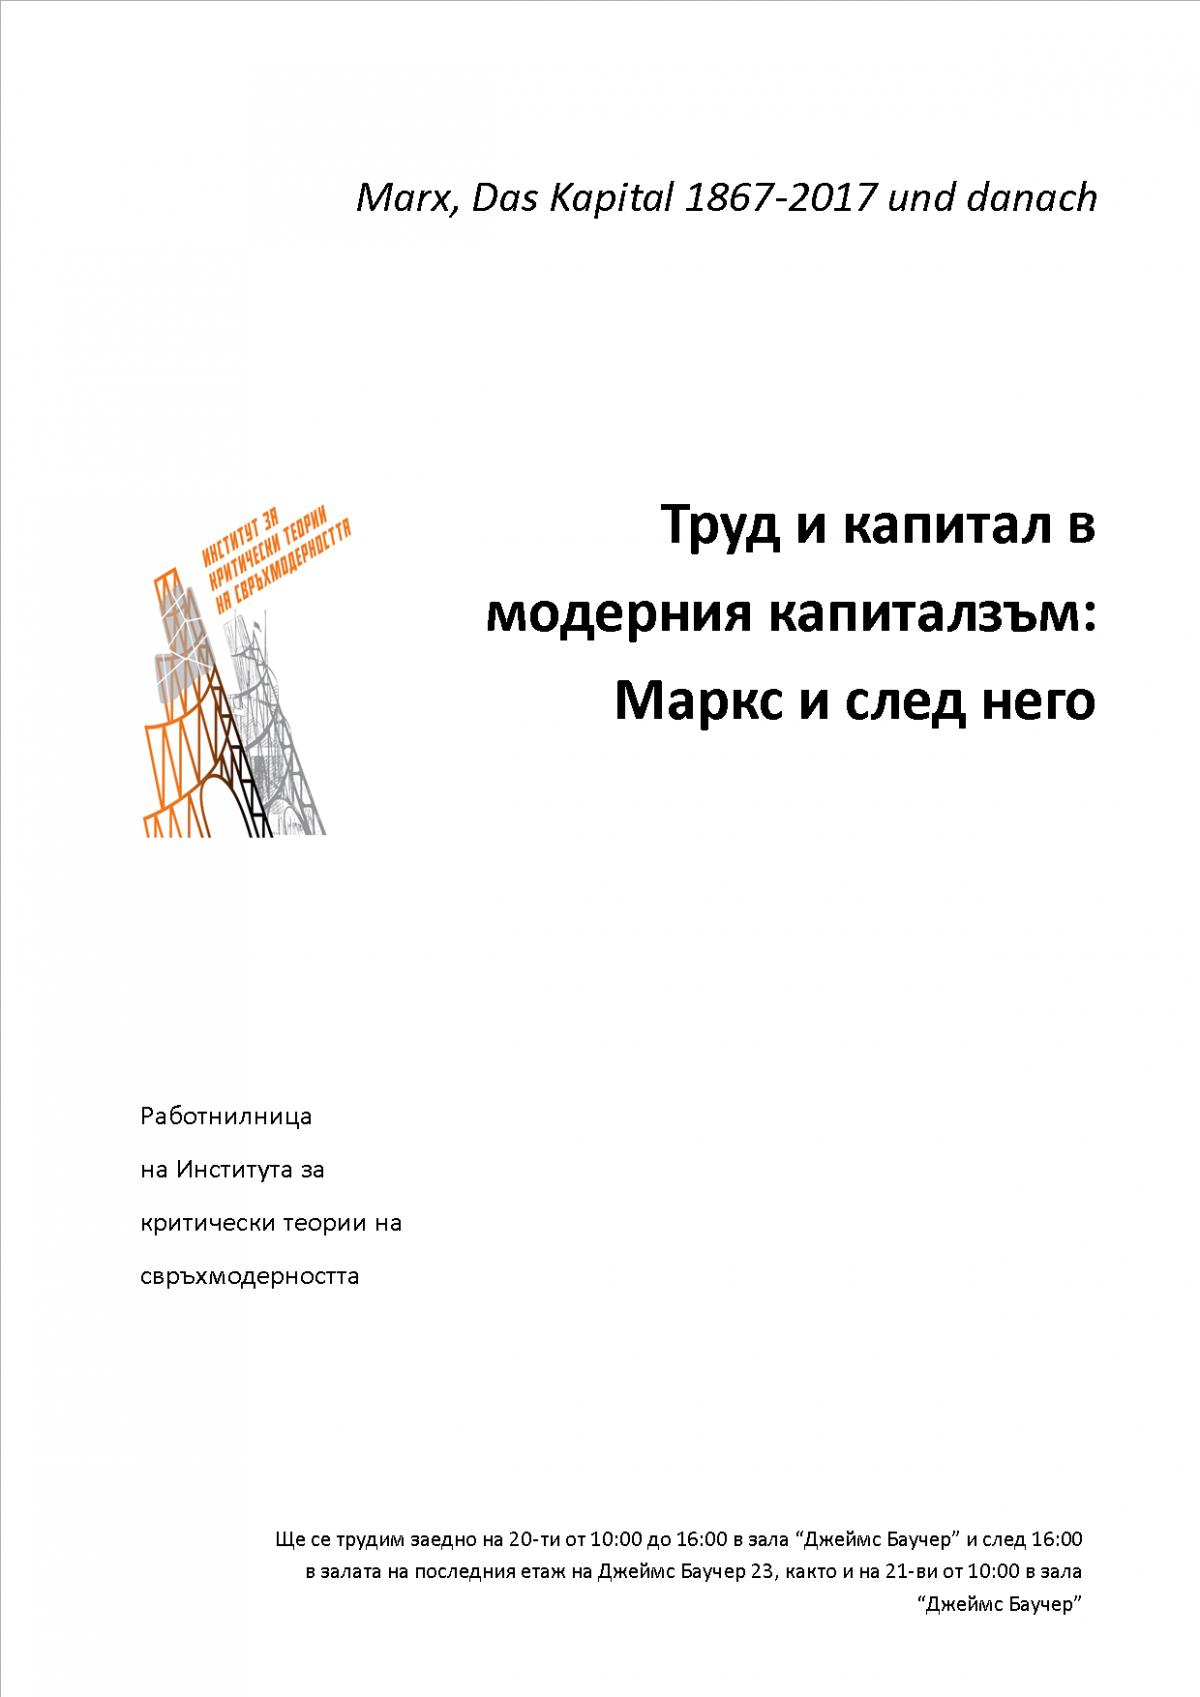 Труд и капитал в модерния капитализъм: Маркс и след него (работилница на ИКТС)